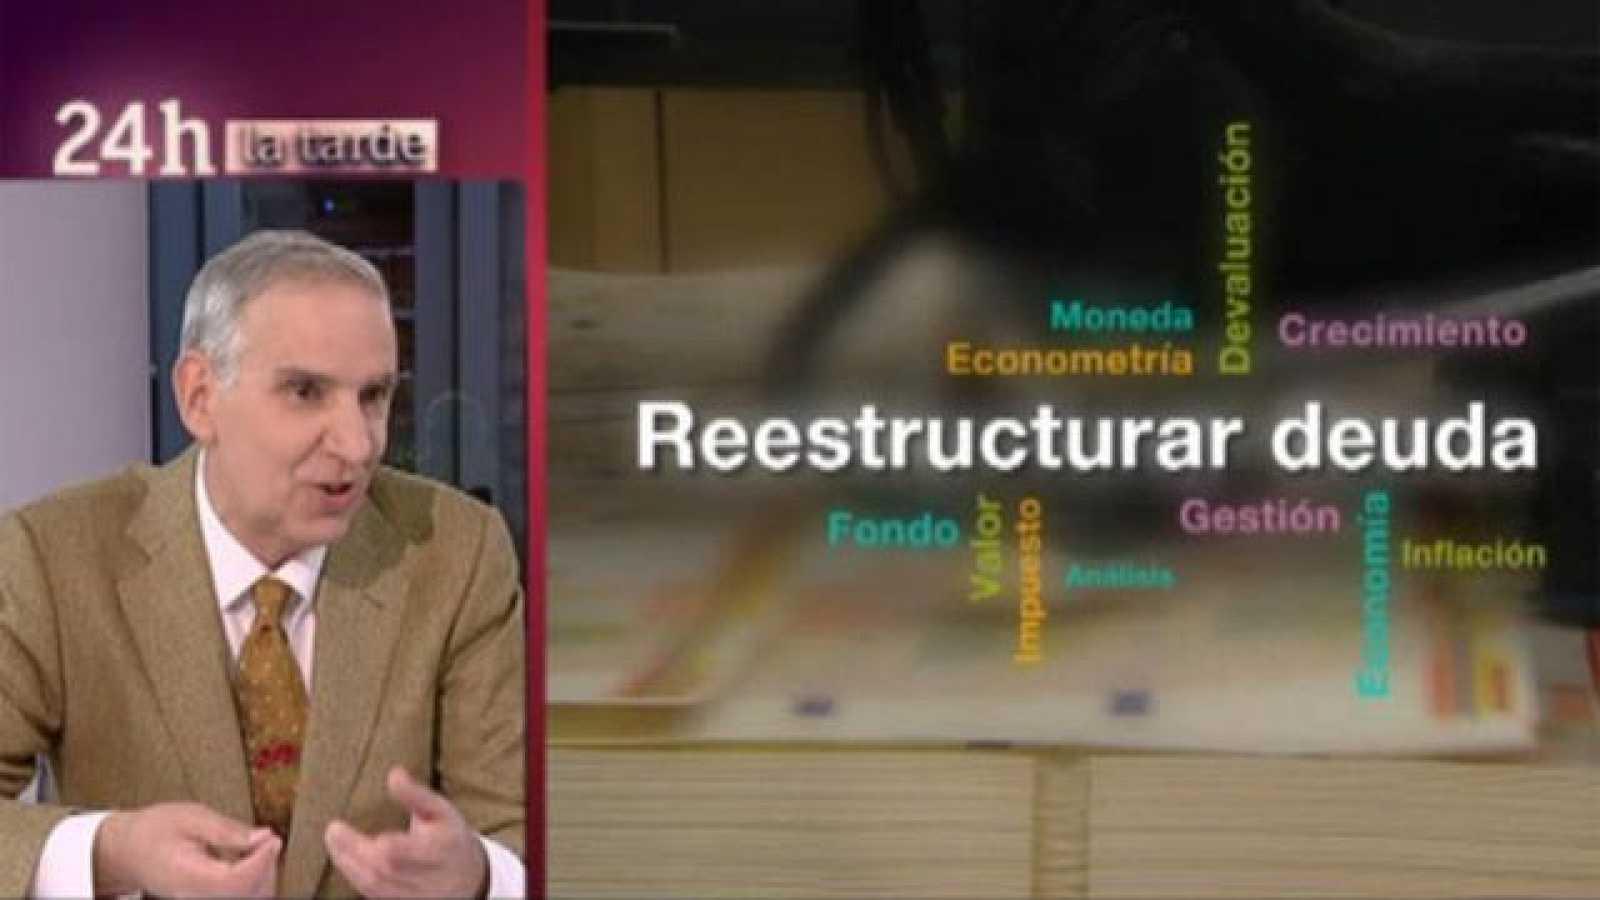 ¿De qué se habla al hablar de la posible reestructuración de la deuda griega?